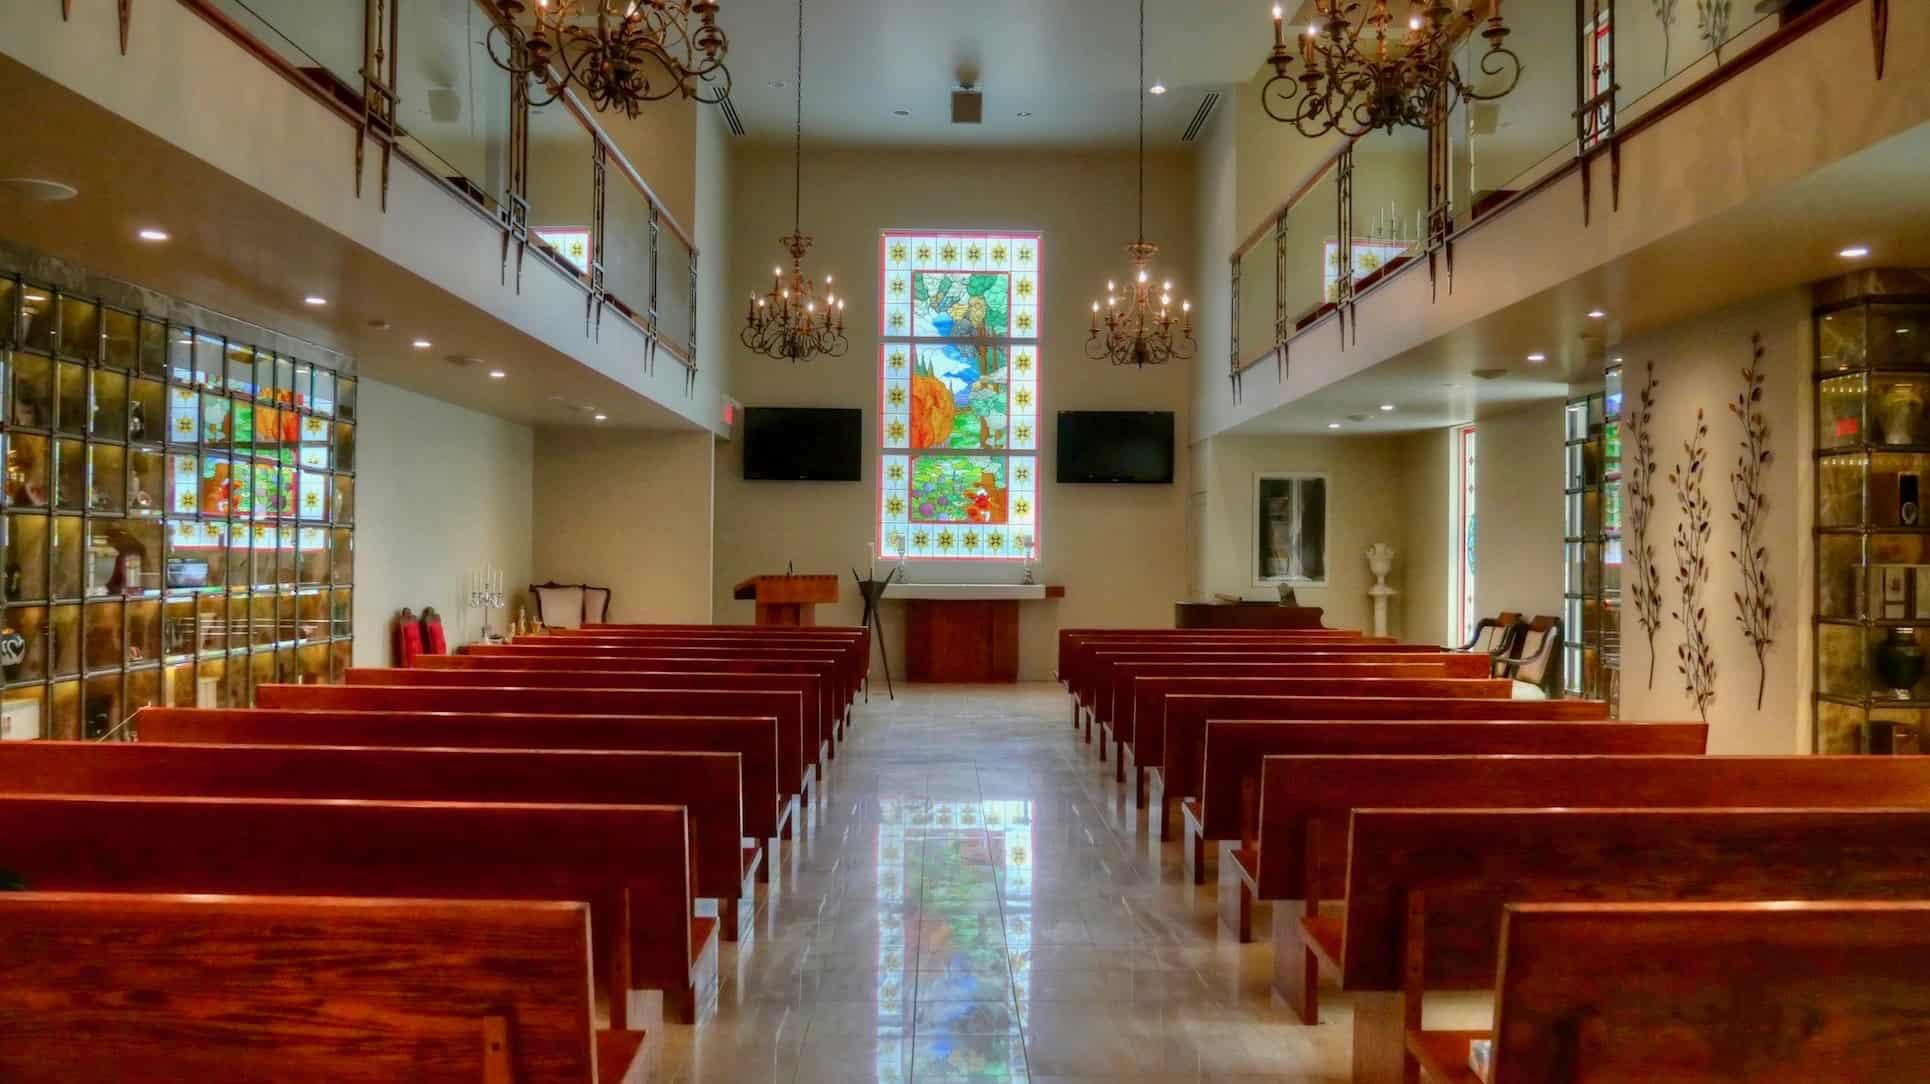 Chapelle salon funéraire de Dorval